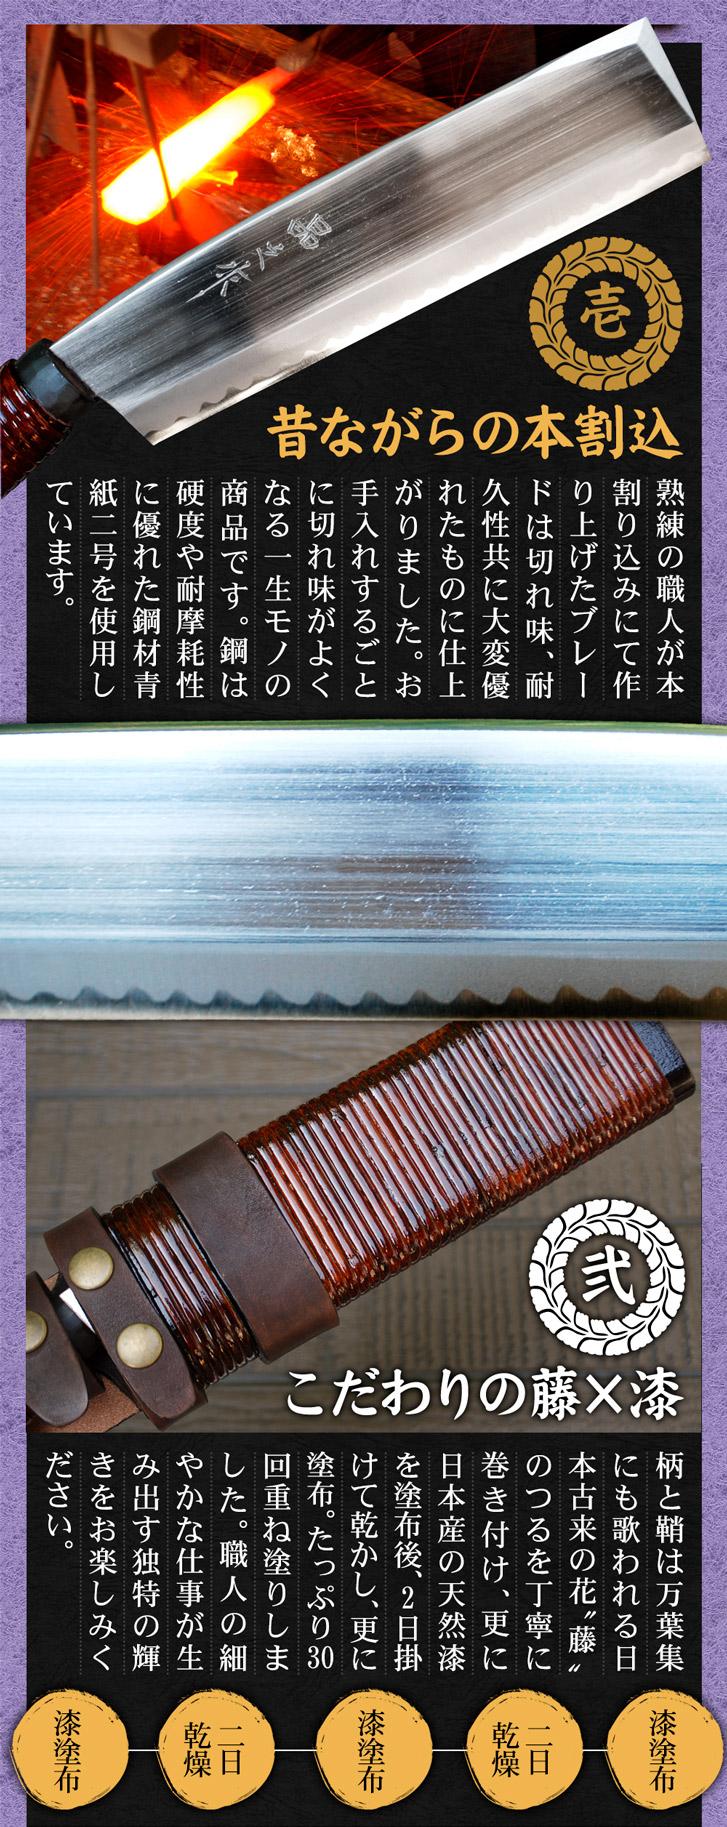 縁起腰鉈6寸乱れ刃柄鞘藤巻天然漆塗|手縫革バンド付/通販 販売 鍛冶屋トヨクニ